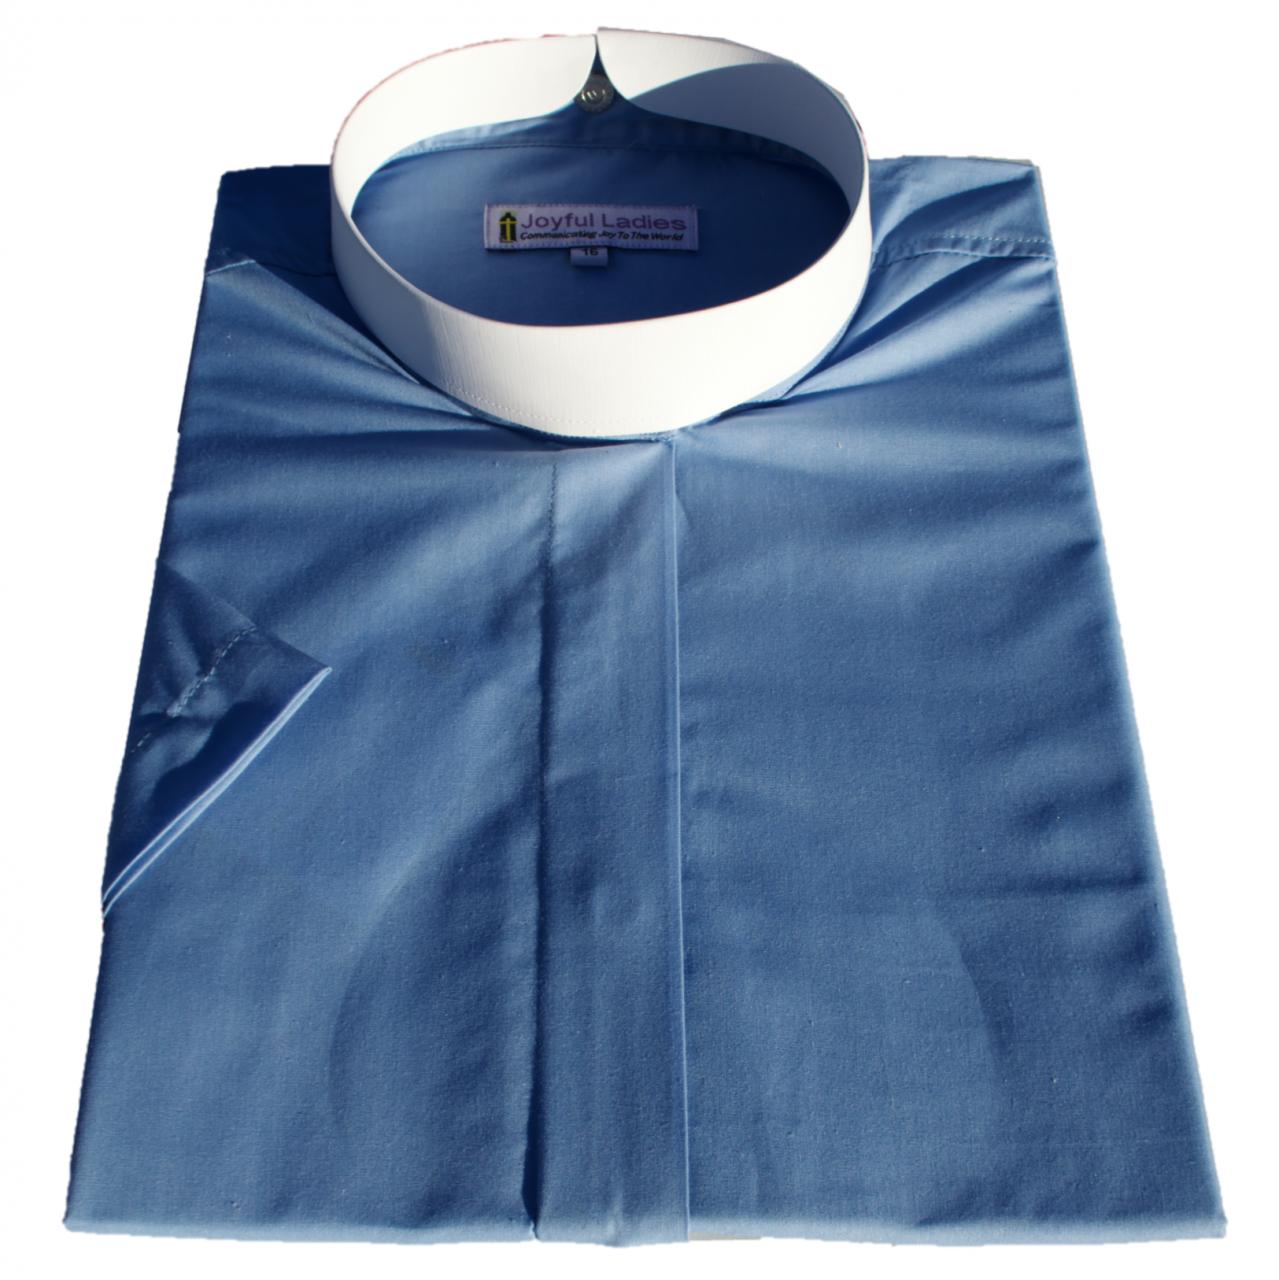 663. Women's Short-Sleeve (Banded) Full-Collar Clergy Shirt - Light Blue